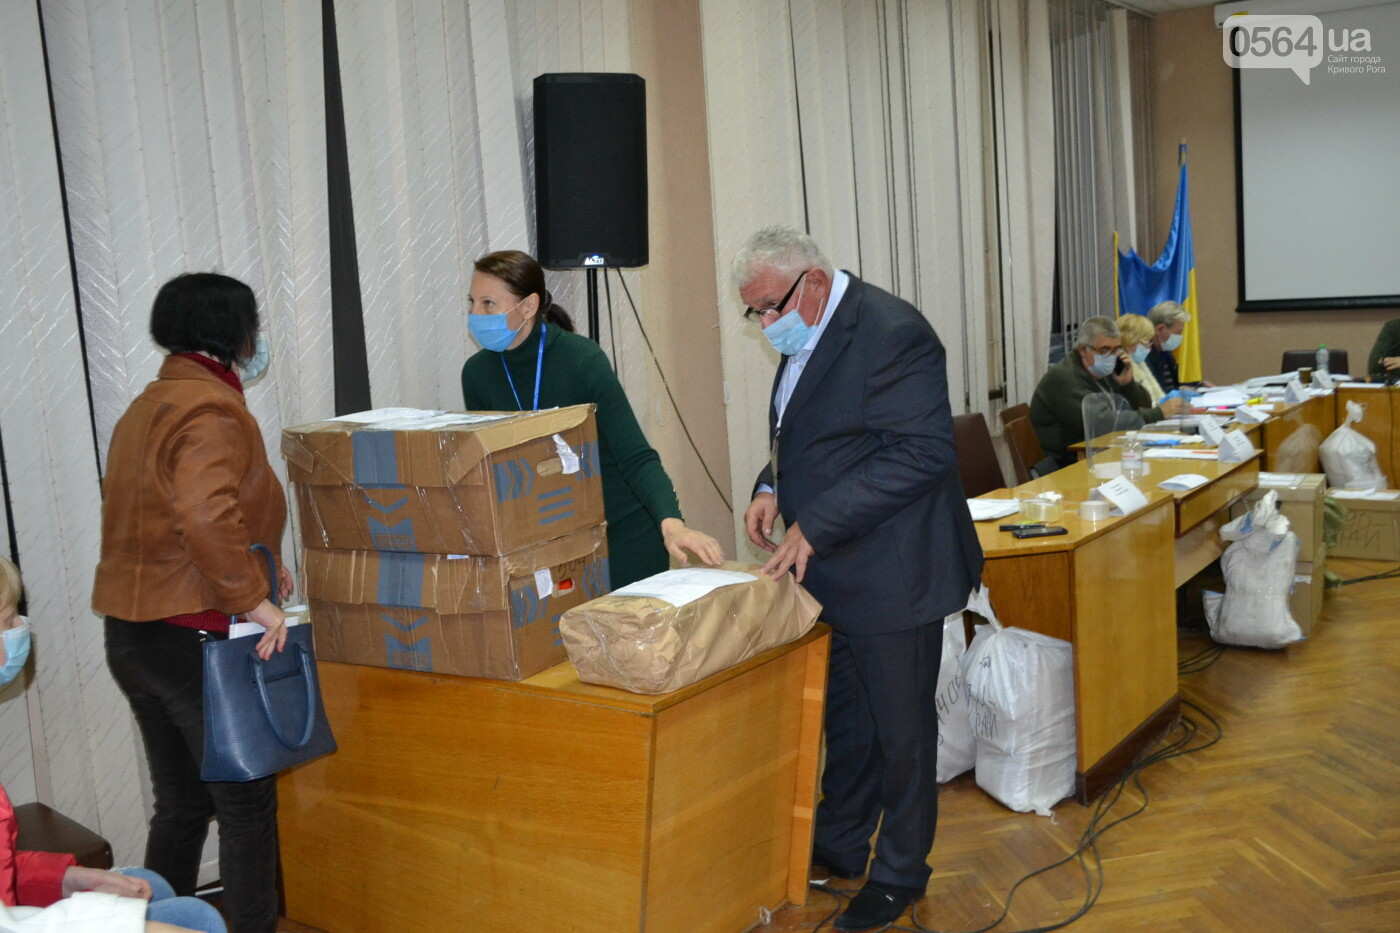 Криворожская ГИК приняла более 72% протоколов по выборам депутатов облсовета, - ФОТО, фото-17